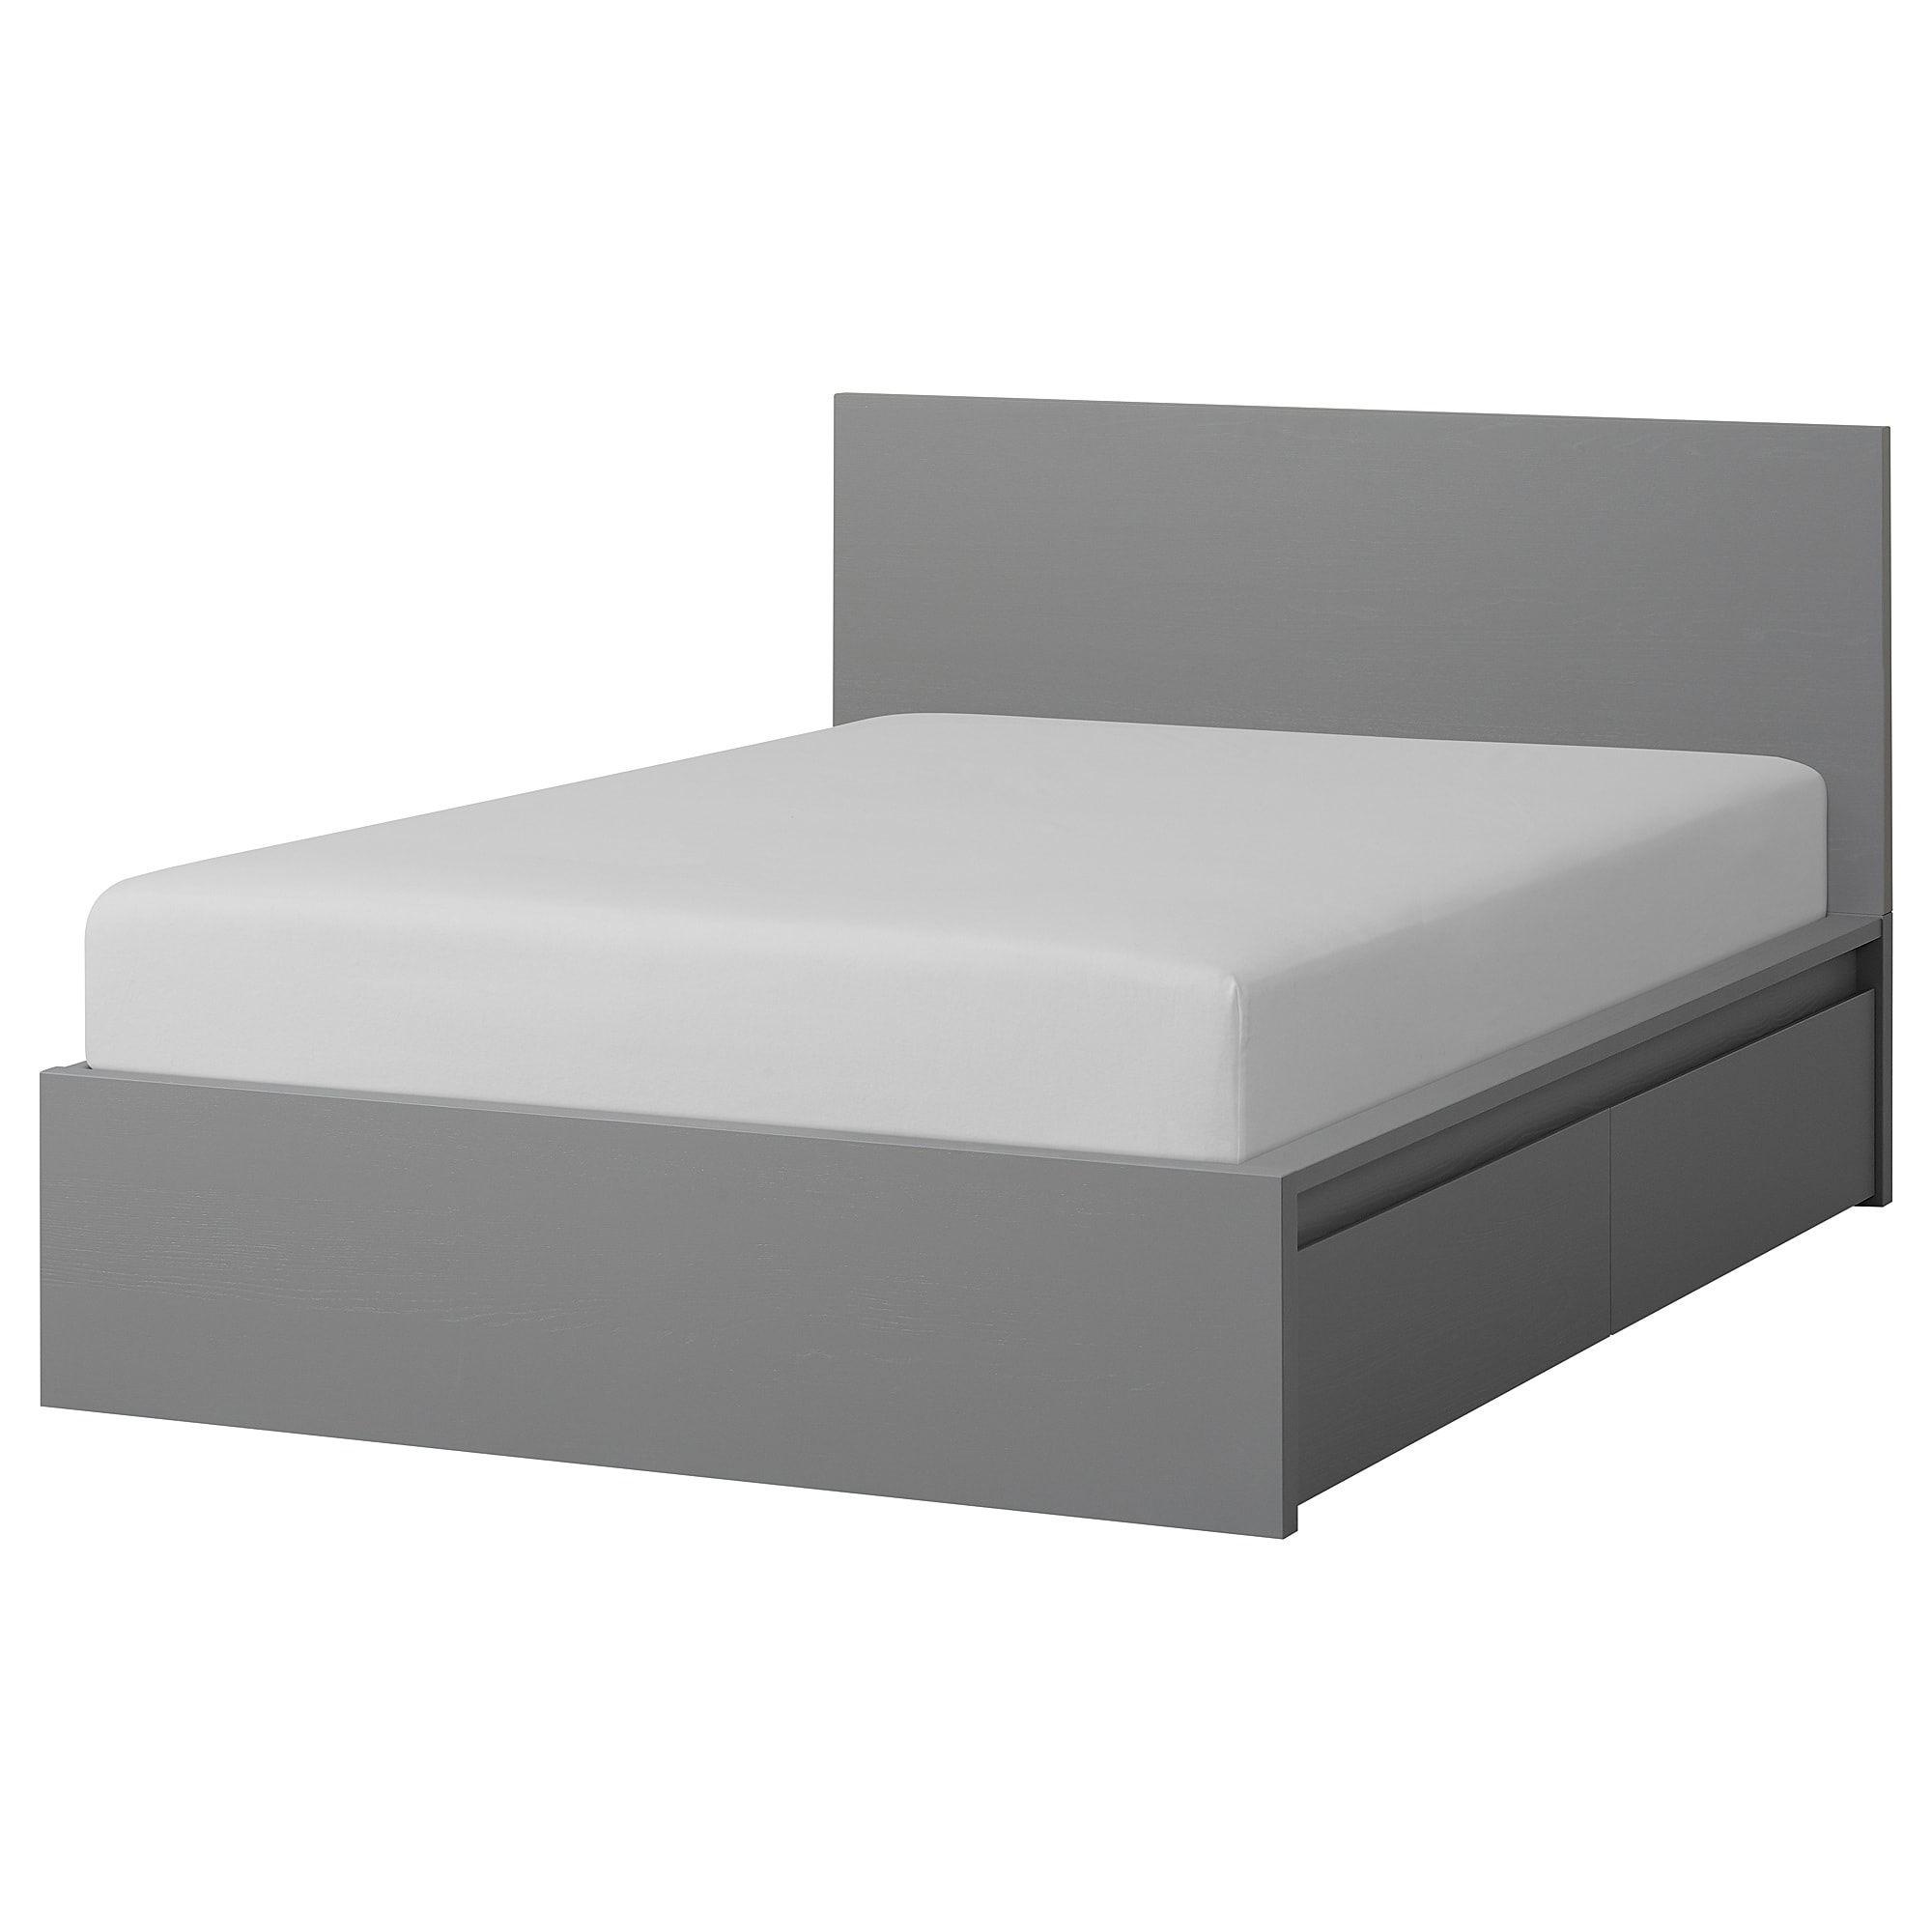 Malm Bettgestell Hoch Mit 4 Schubladen Grau Las Ikea Deutschland In 2020 High Bed Frame Malm Bed Malm Bed Frame